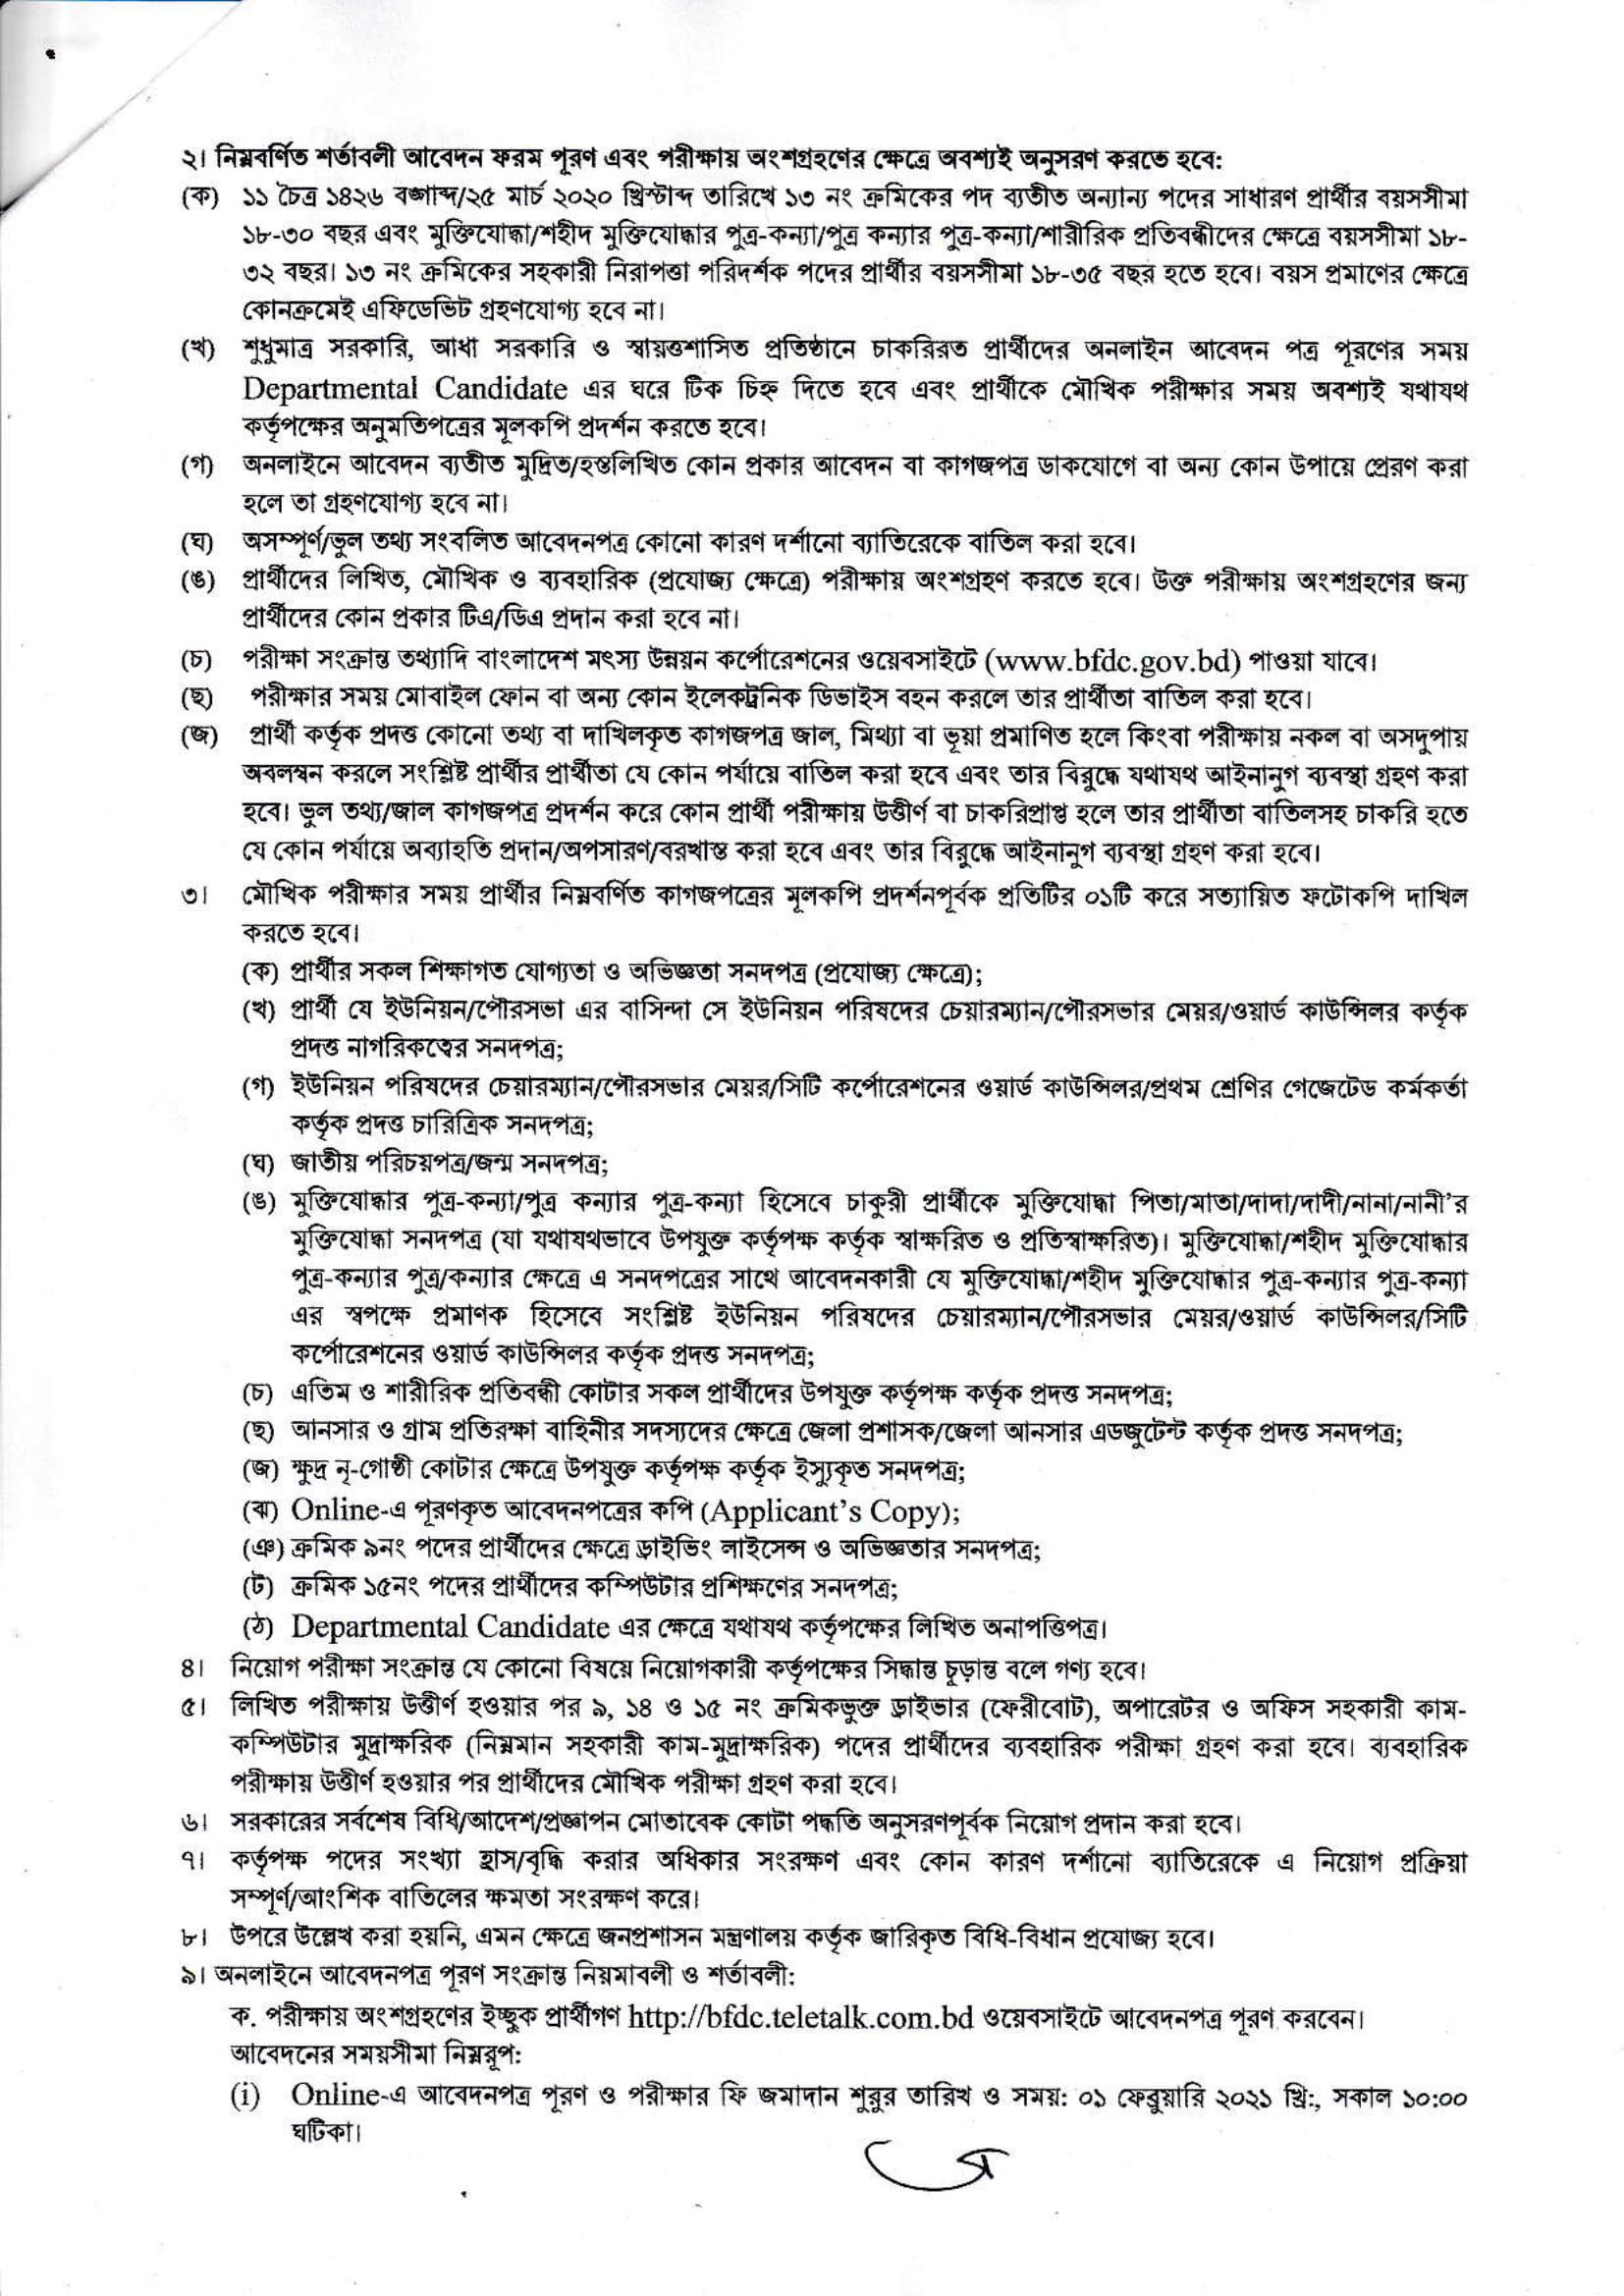 BFDC Teletalk 2021 - bfdc.teletalk.com.bd